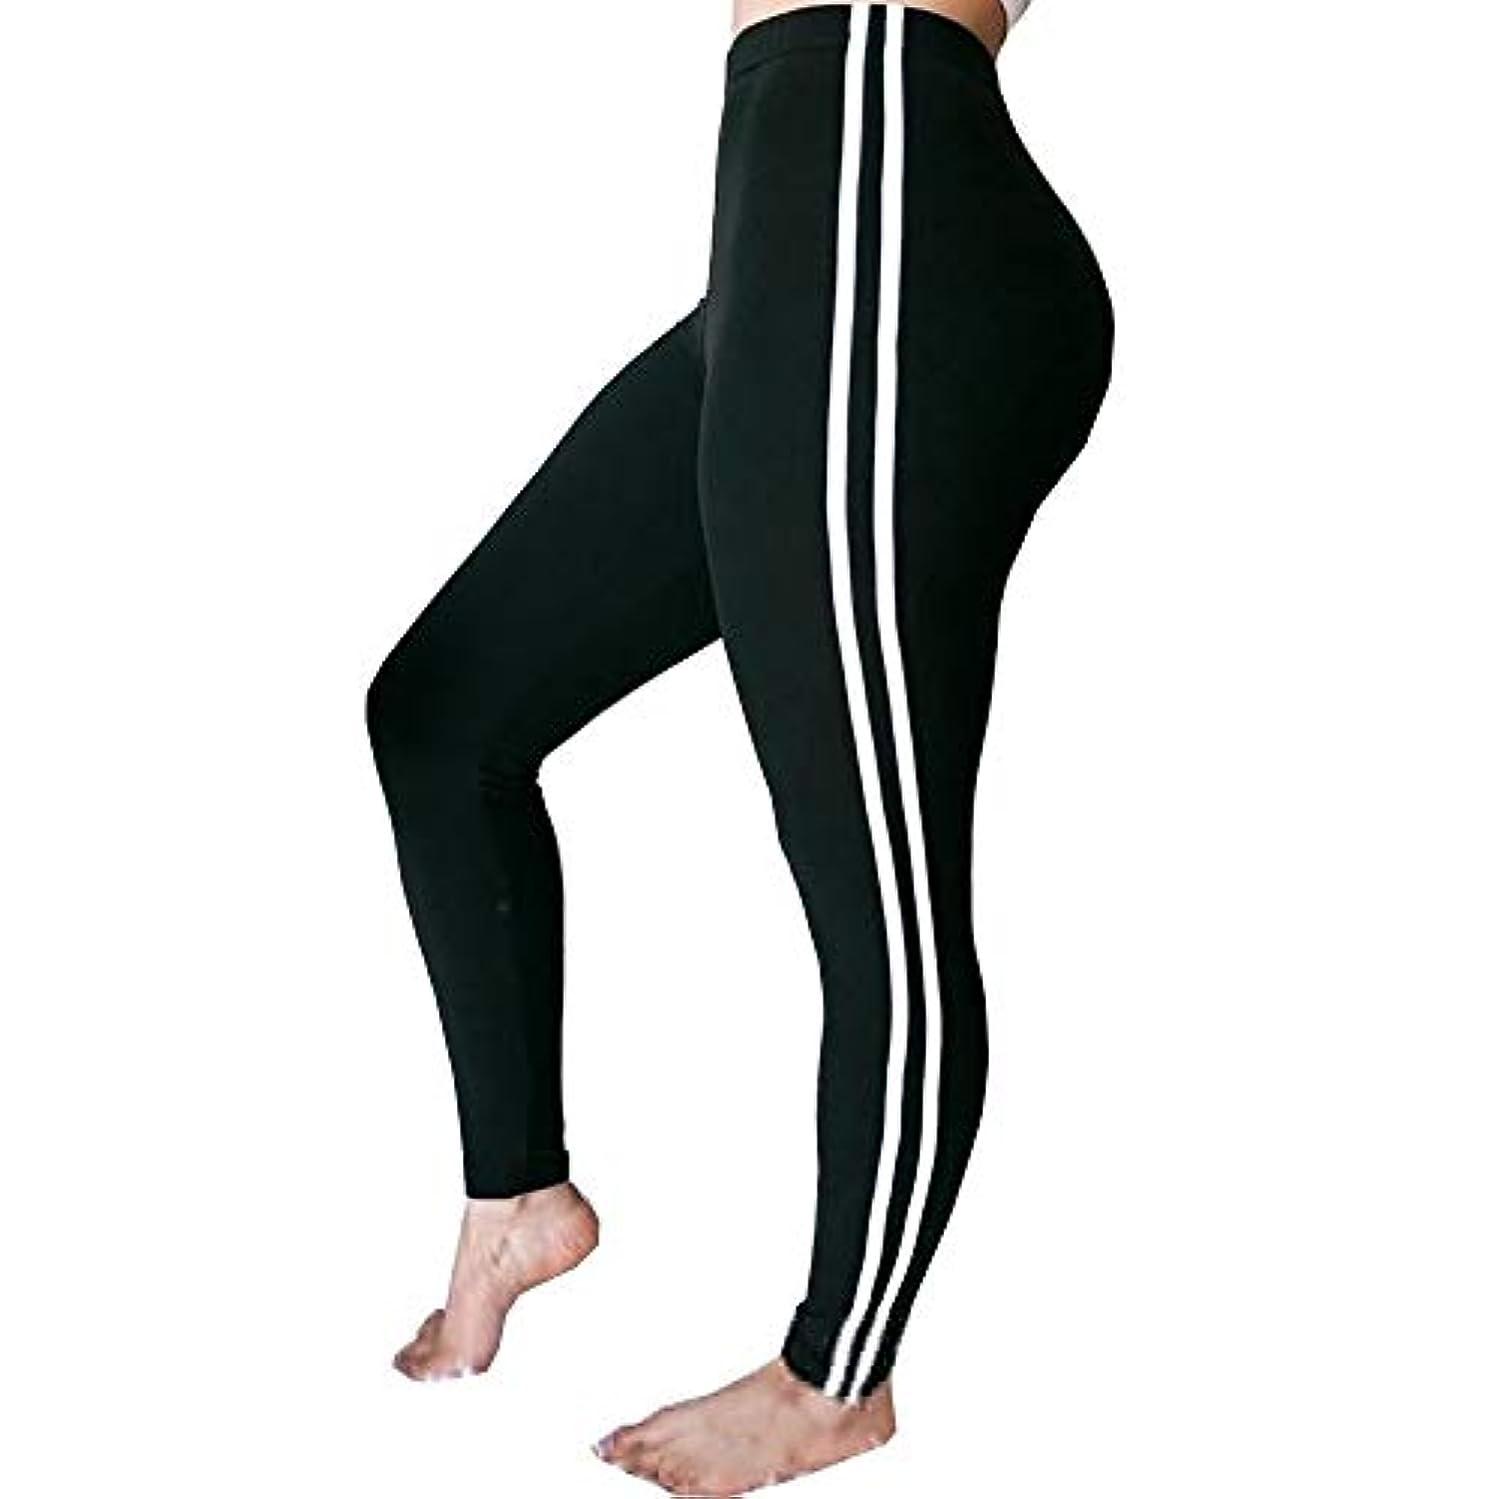 着陸昇進デクリメントMIFAN 女性パンツ、ロングパンツ、ハイウエストパンツ、スポーツパンツ、スキニーパンツ、ヨガパンツ、